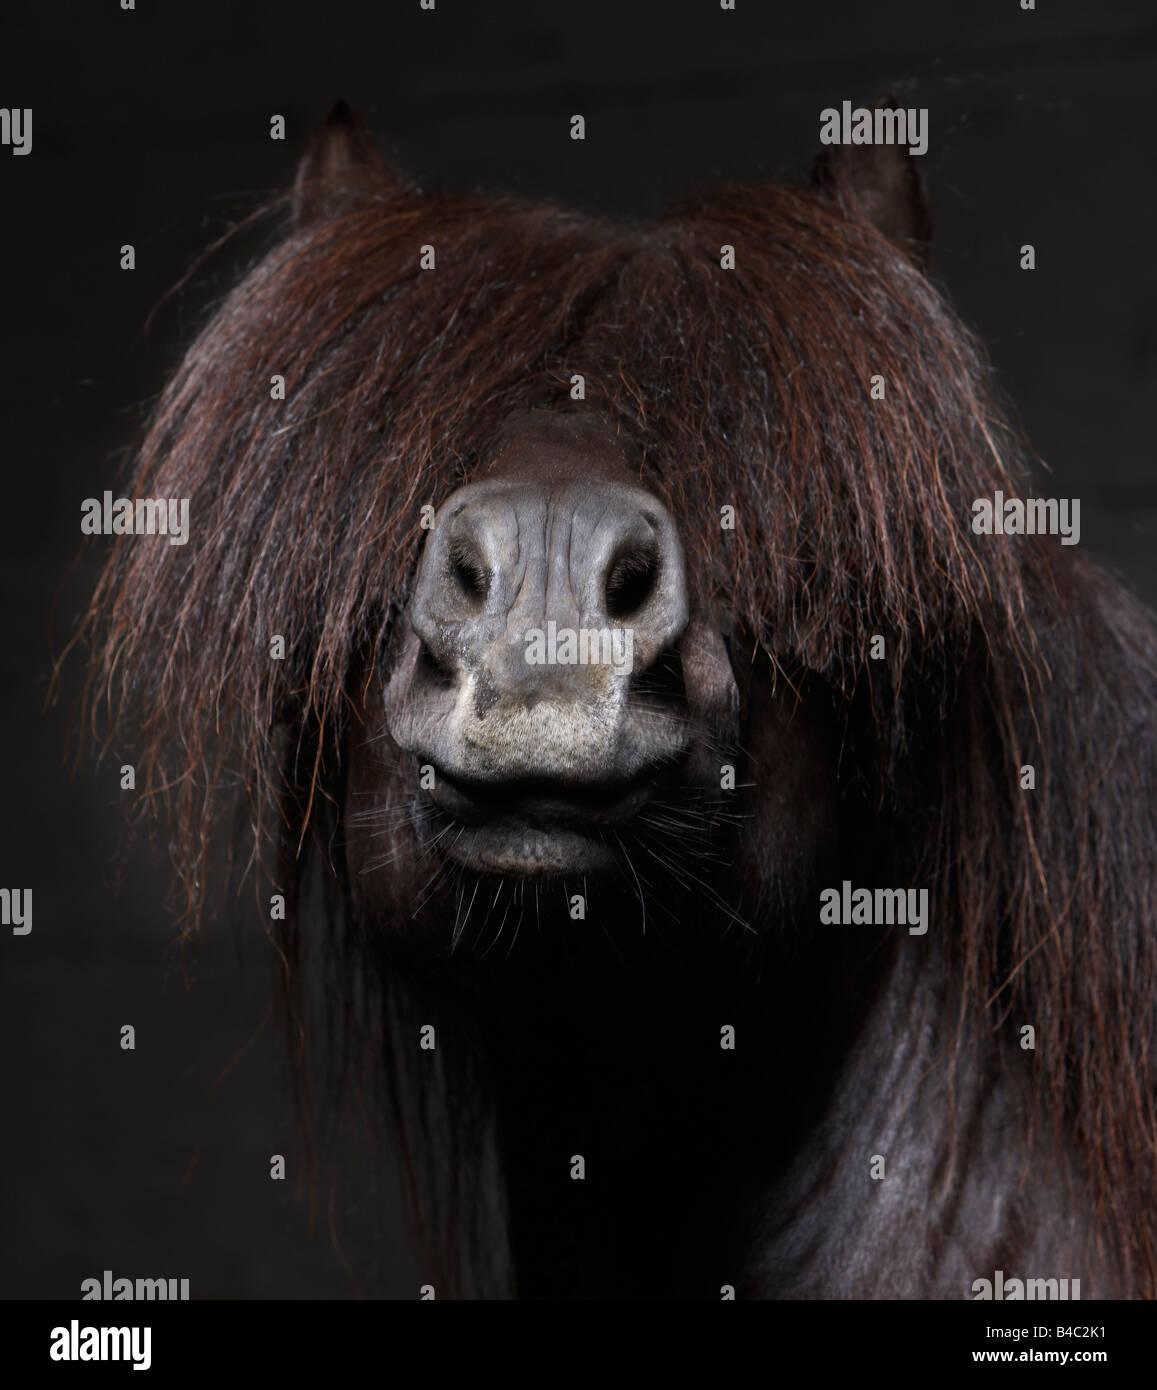 Pure Breed Icelandic Stallion with Mane over Eyes, Iceland - Stock Image